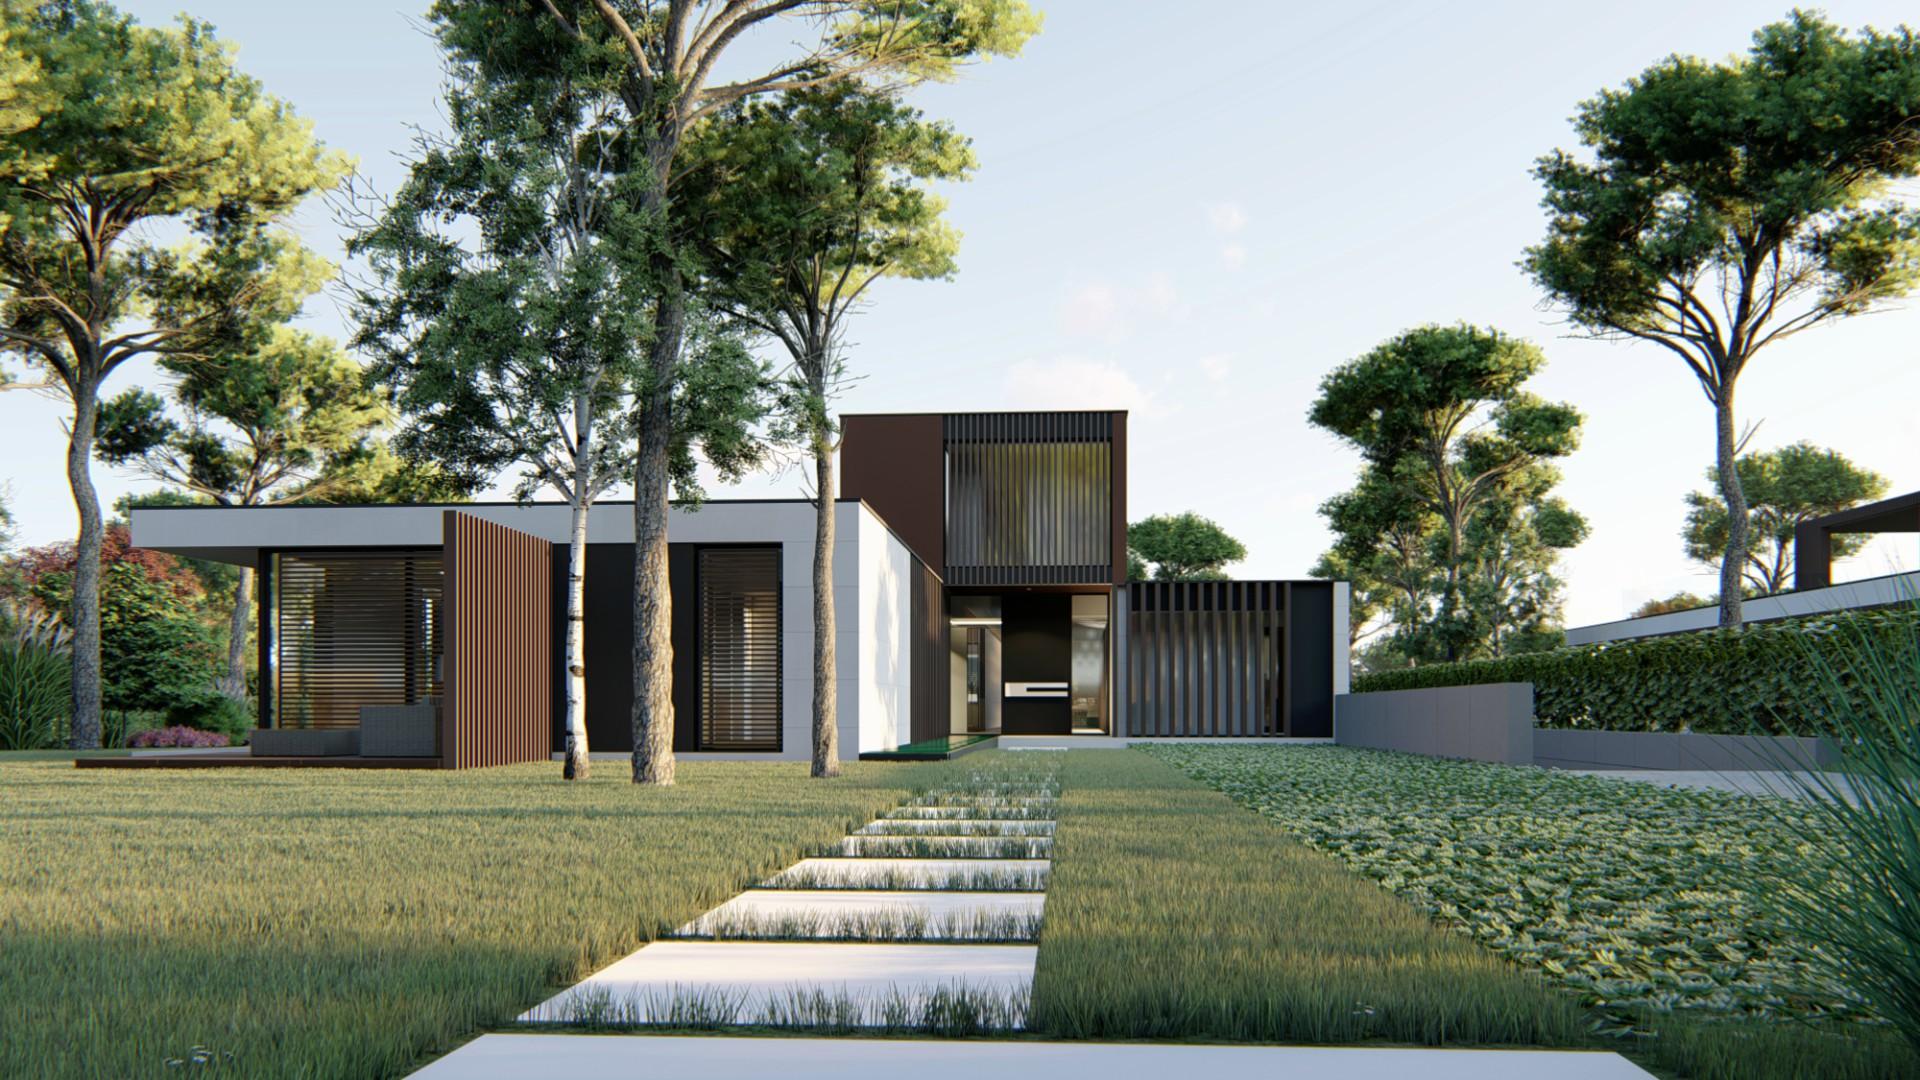 Acceso a la entrada principal. 3 Viviendas Unifamiliares en Encinas, Boadilla del Monte, Madrid.Un proyecto del estudio de arquitectura FH2L Arquitectos.